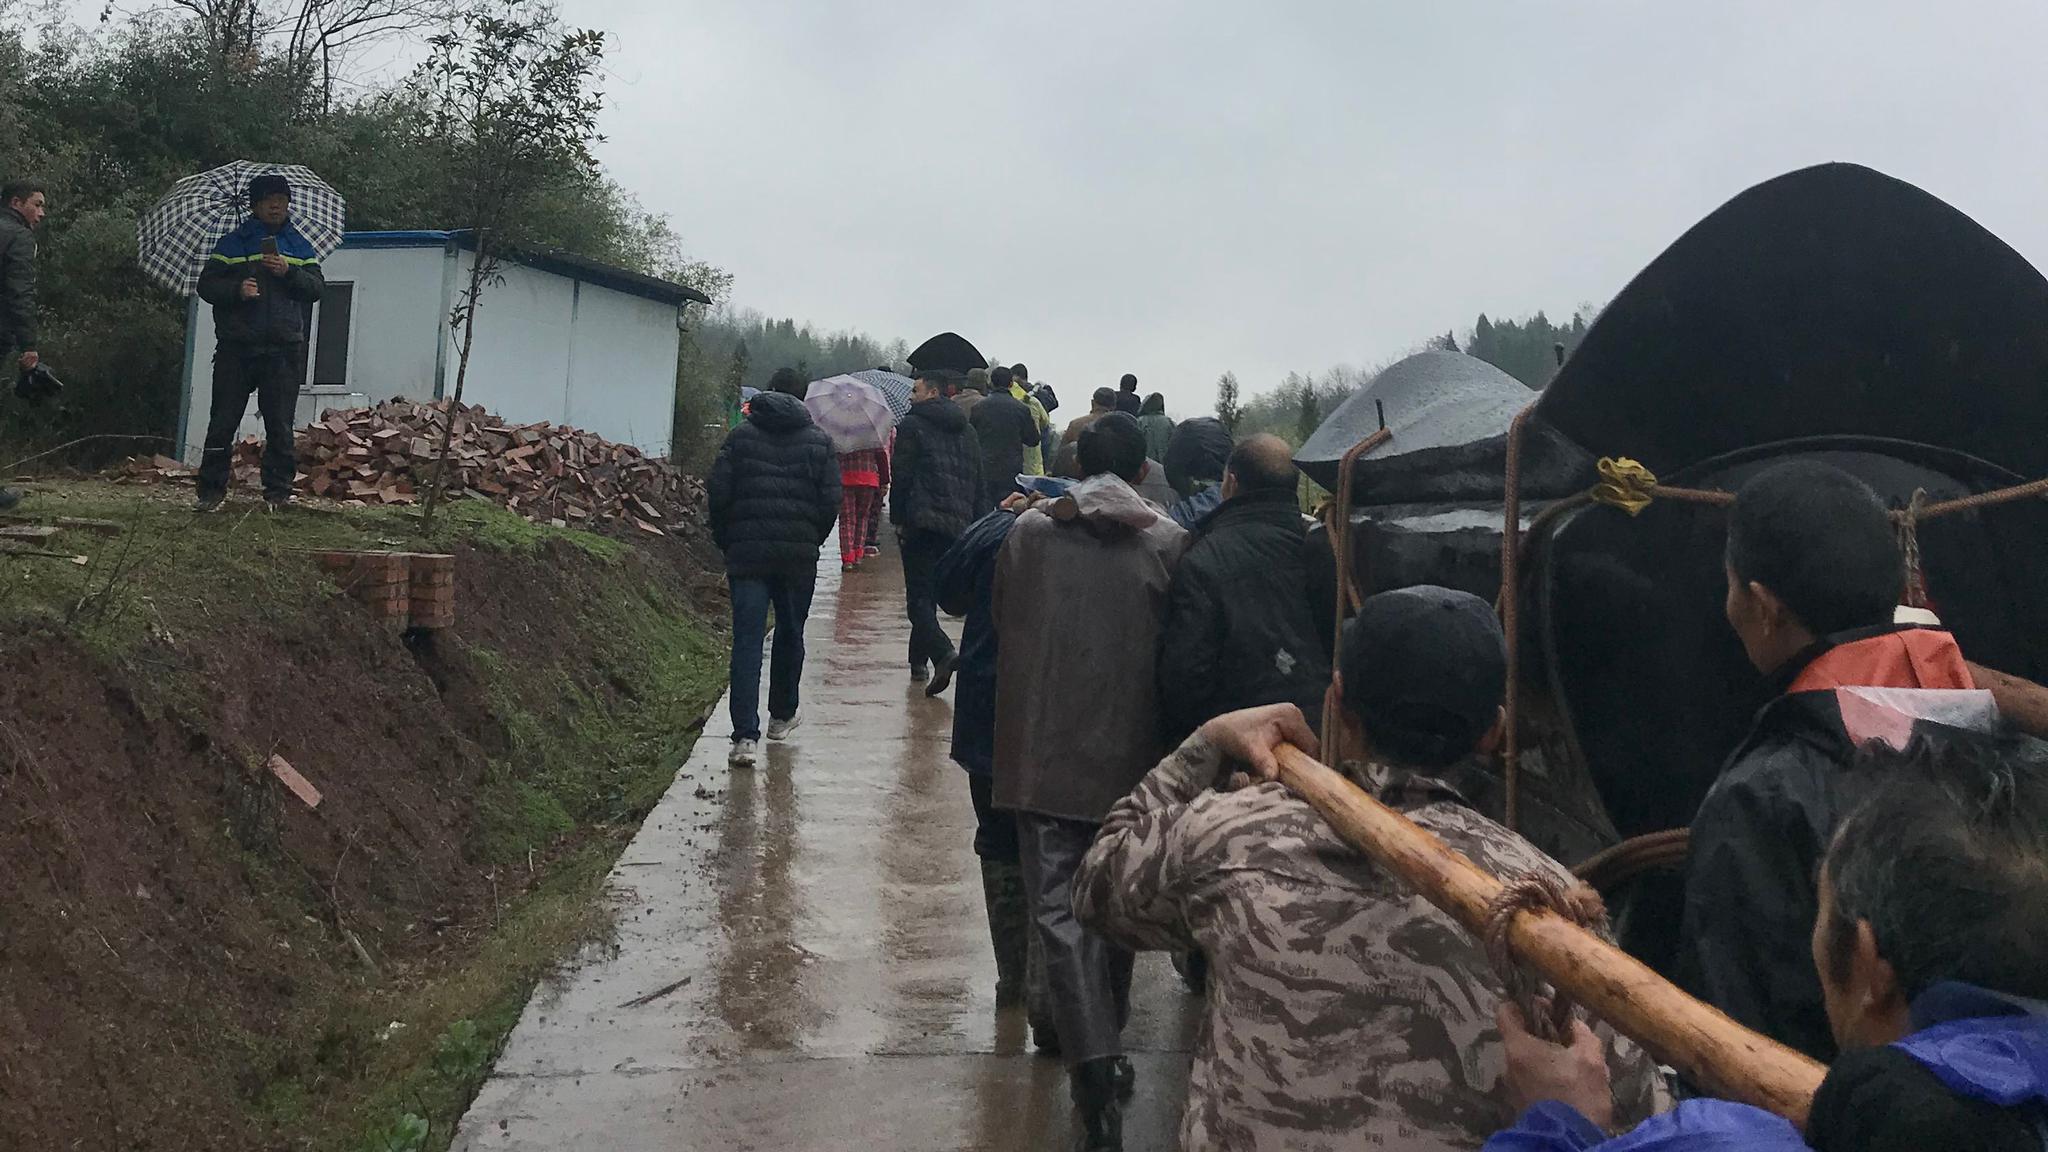 上午8时40分许,被儿子锤杀的罗某夫妇,被亲友们送至家对面的山坡上,入土为安。新京报记者段睿超摄